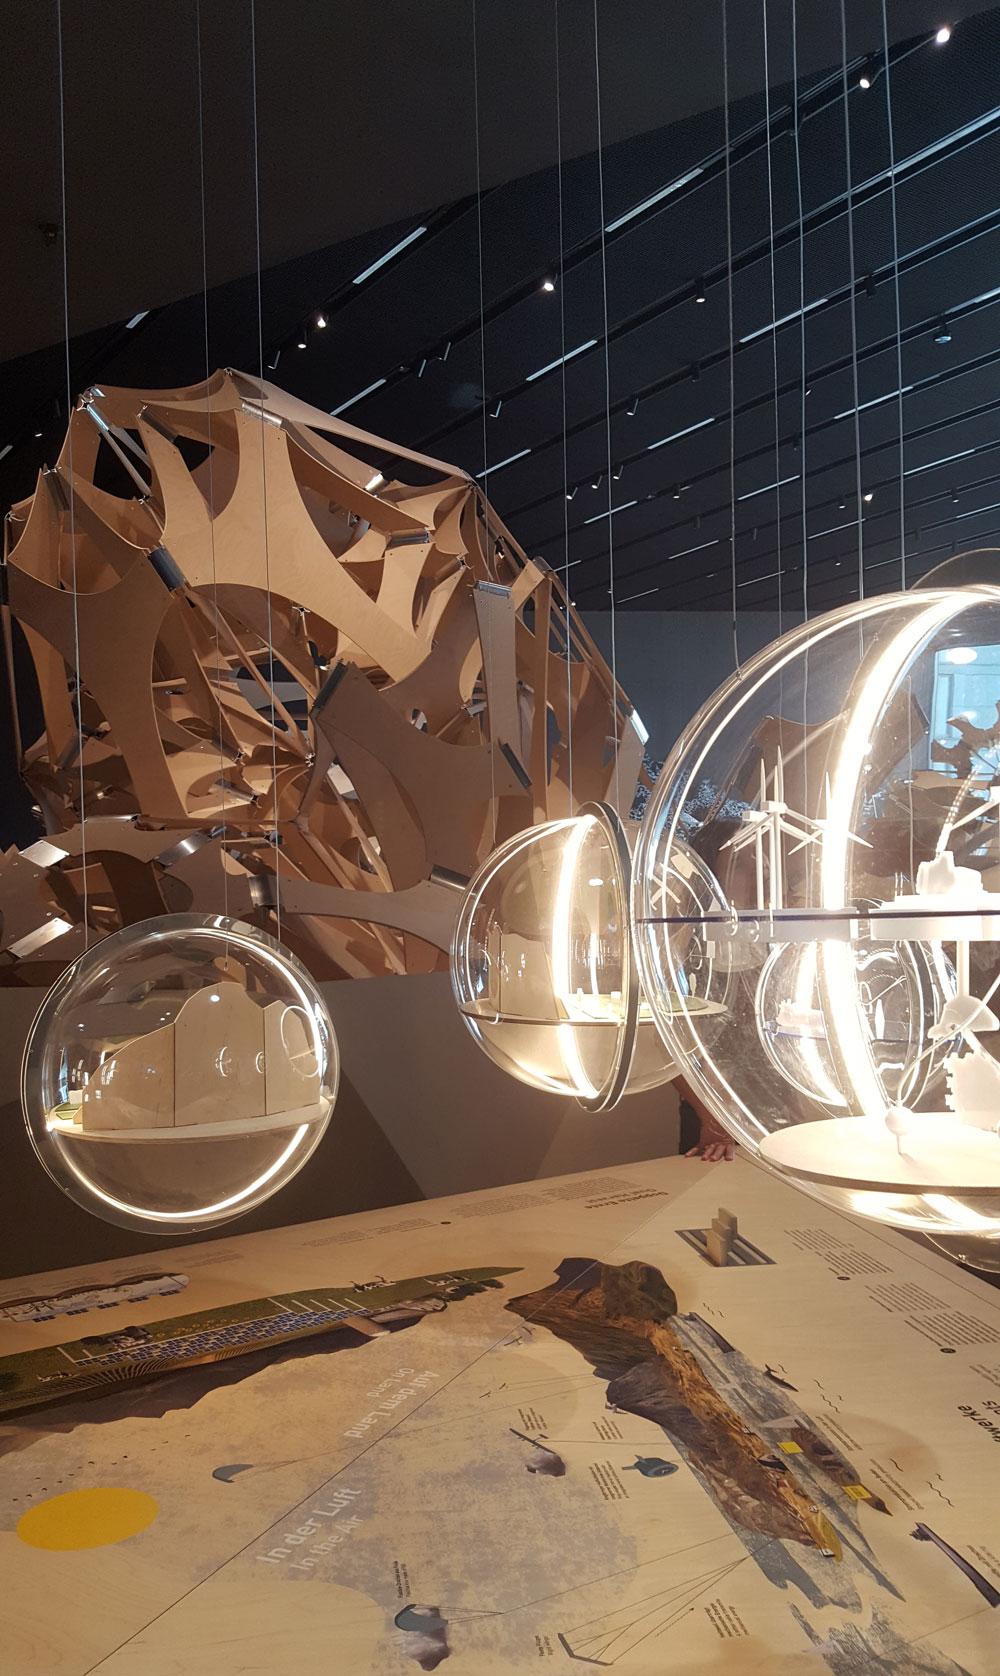 Ein Blick in die Glaskugel - Was bringt die Zukunft?